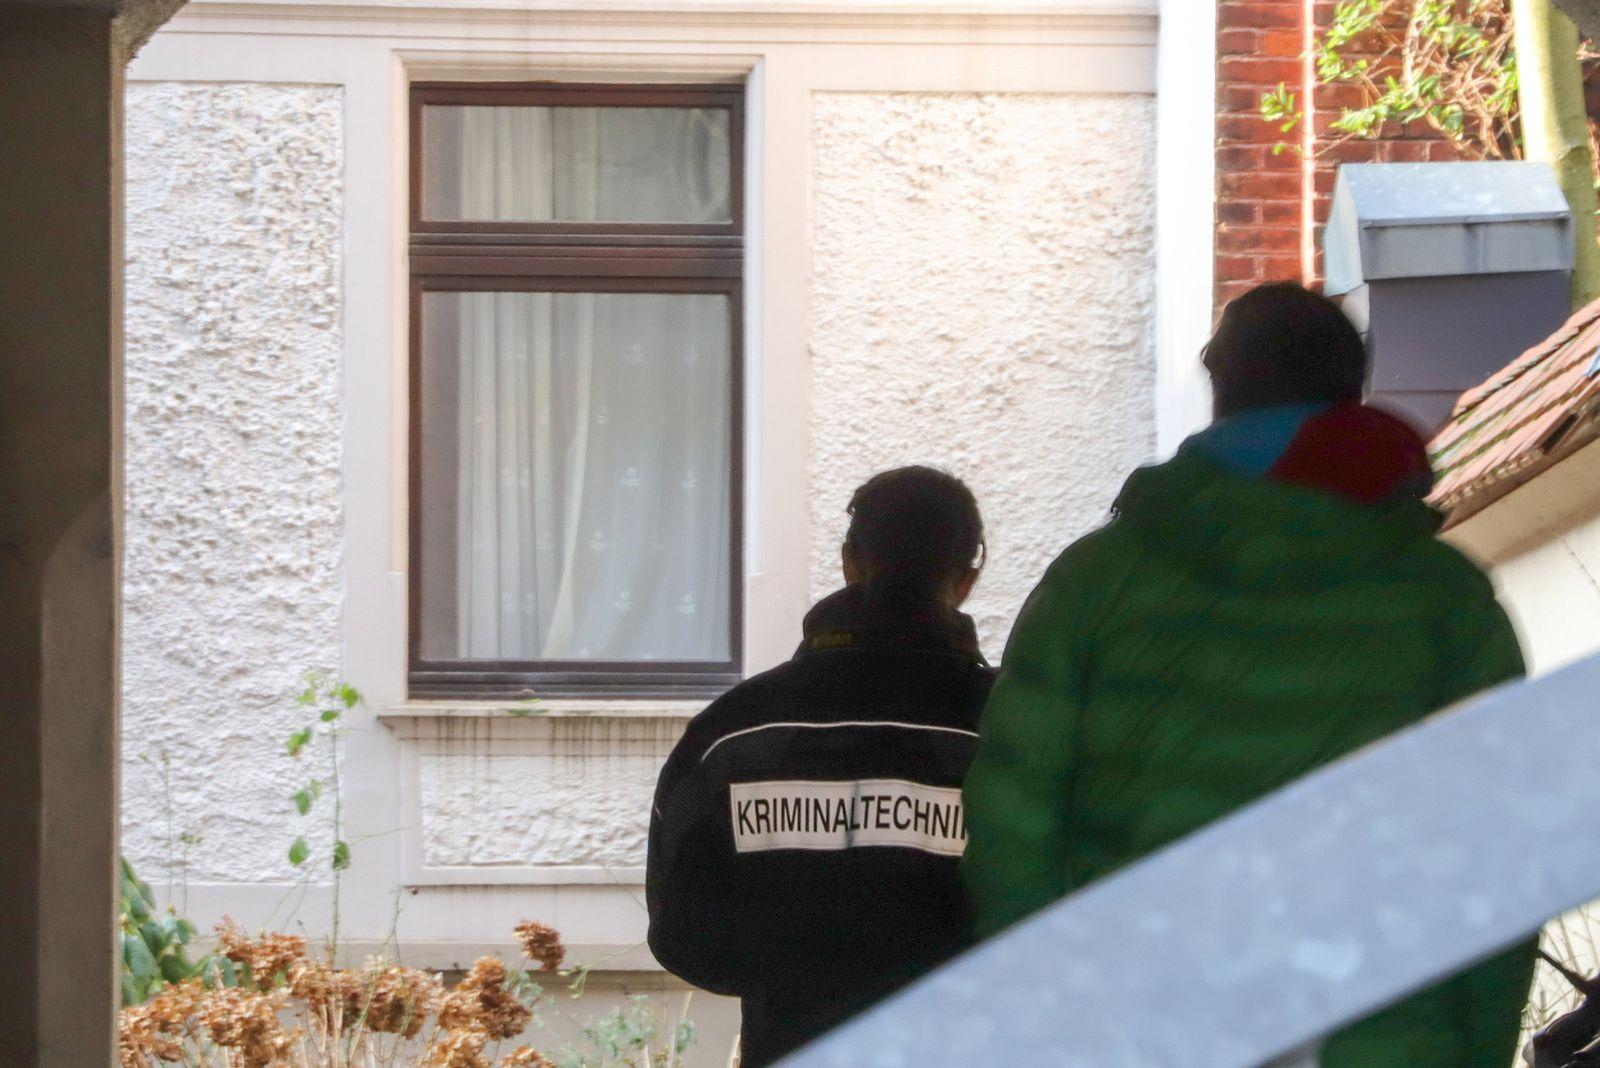 Tödliche Polizeischüsse in Wuppertal